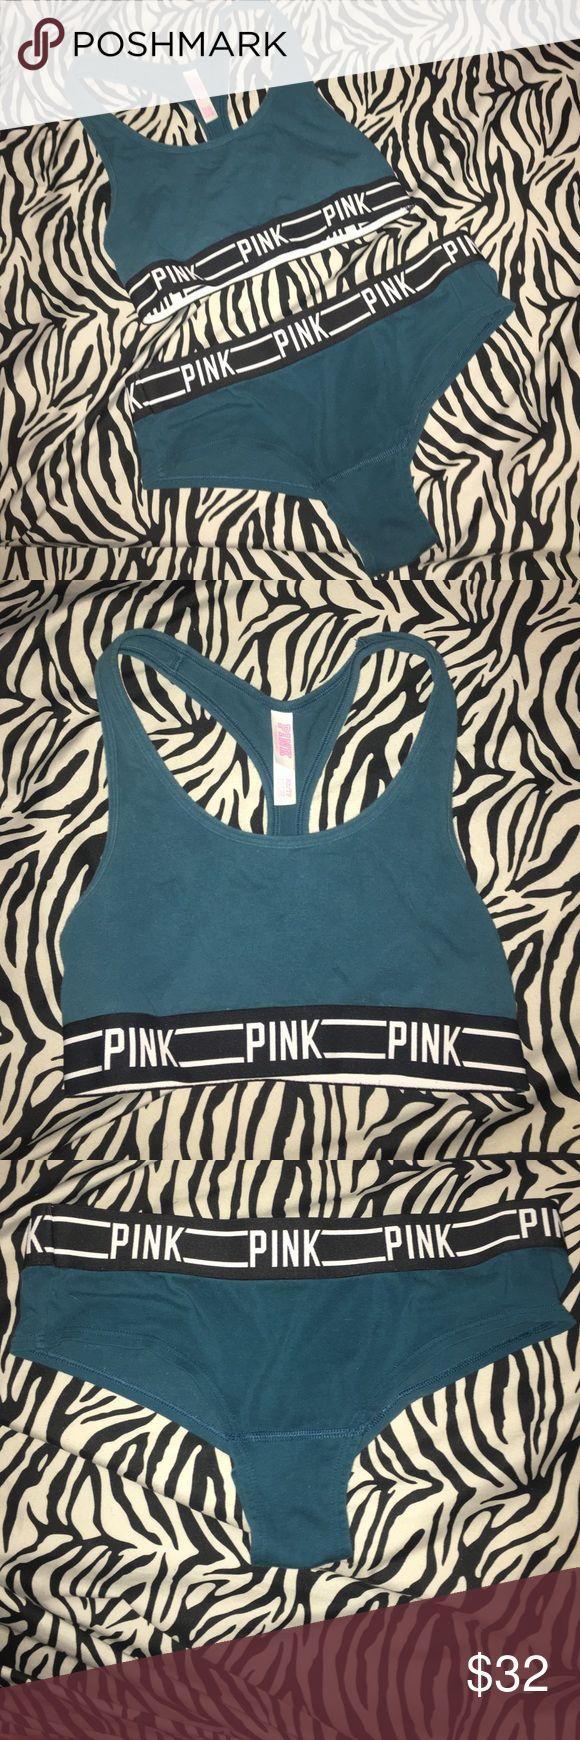 Victoria Secret Pink Bra And Underwear Set Teal Blue Victoria Secret Pink Set. Bra- Xs Underwear- S PINK Victoria's Secret Intimates & Sleepwear Bras